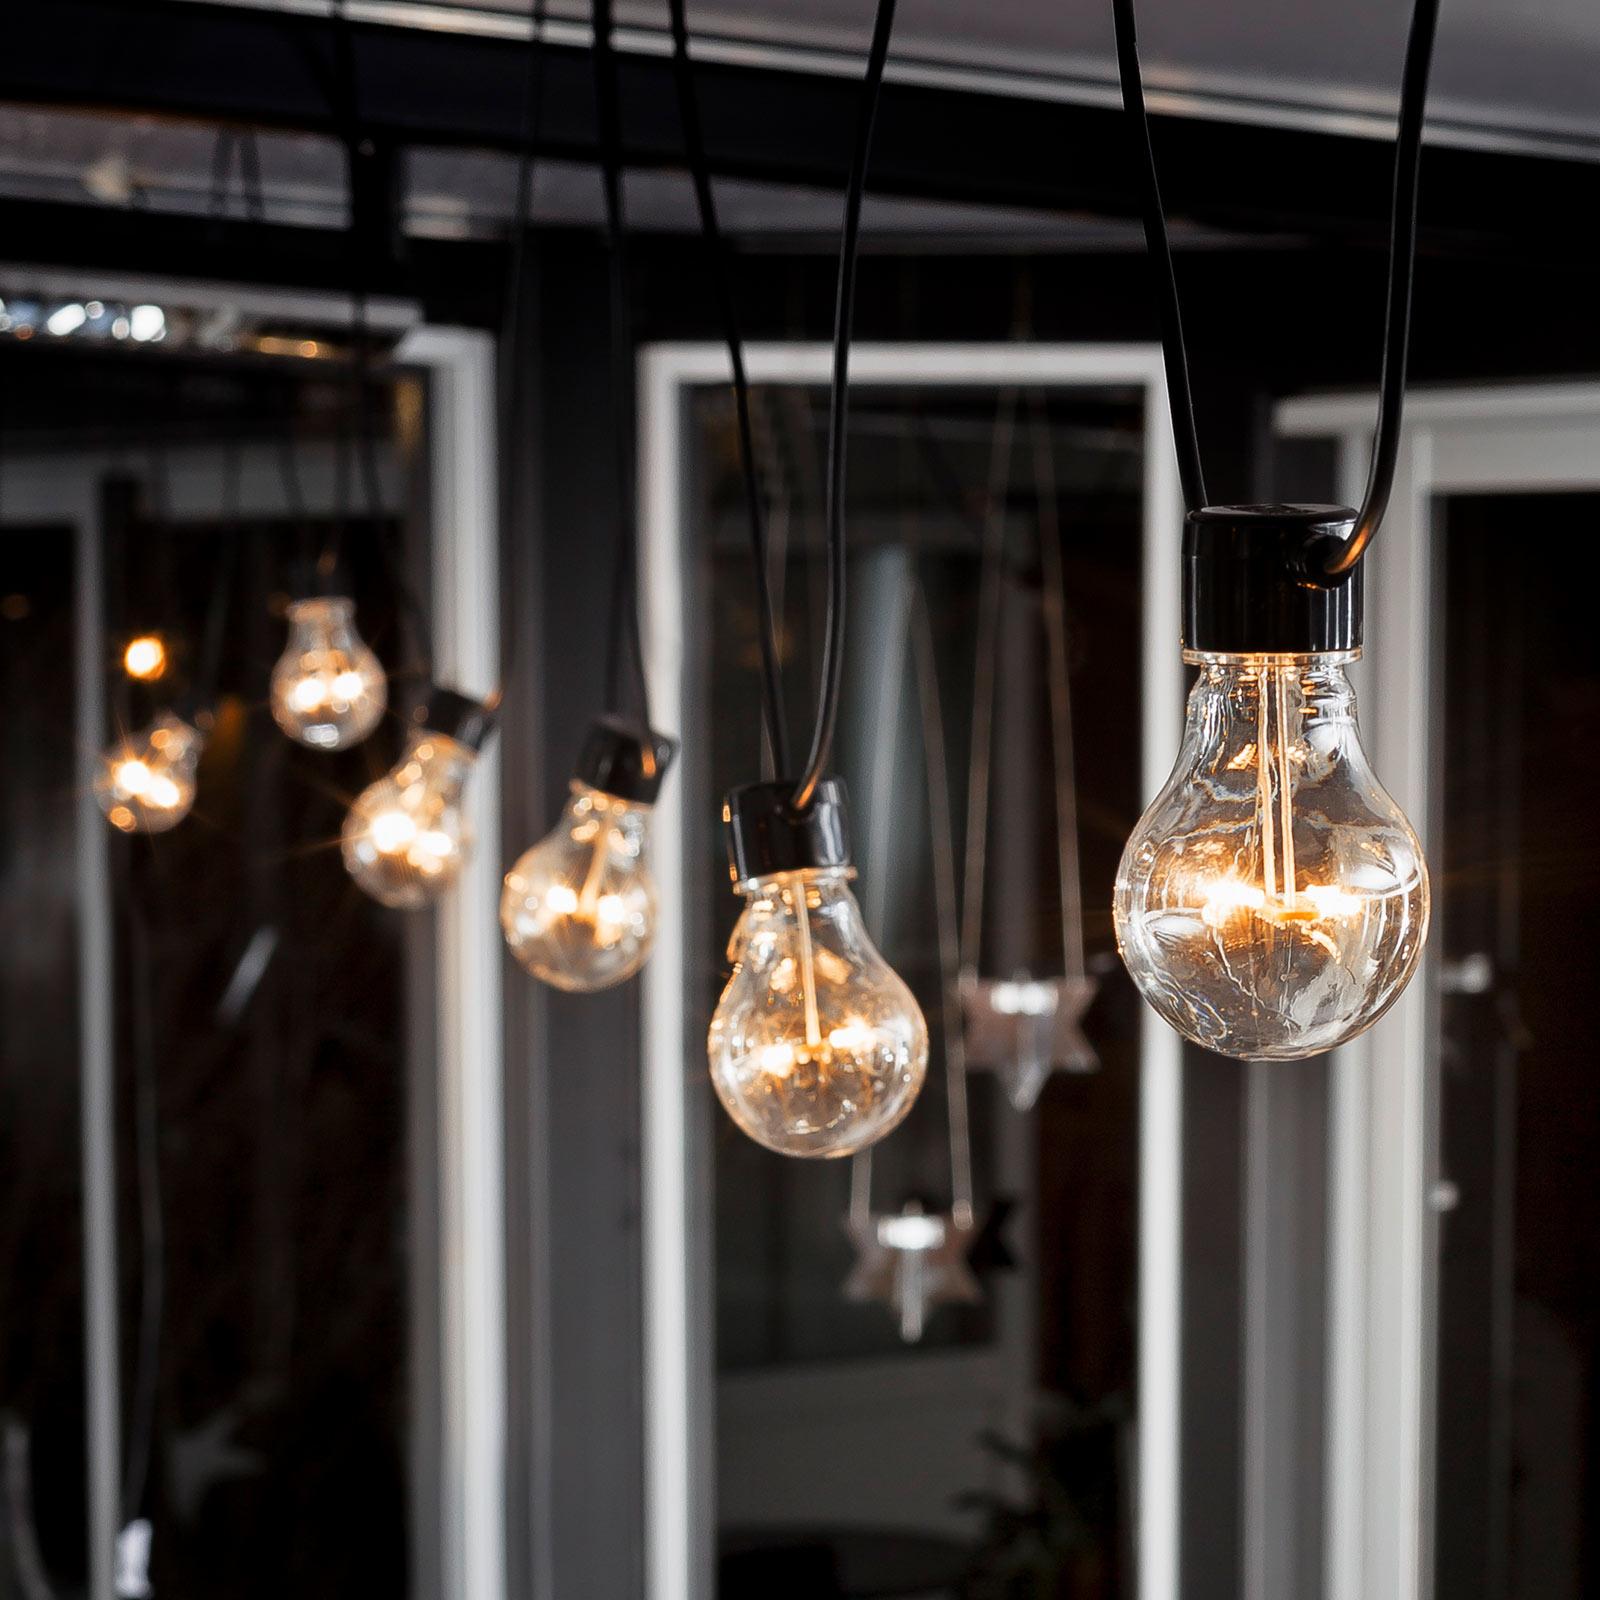 LED-Lichterkette Biergarten Basis-Set, bernstein